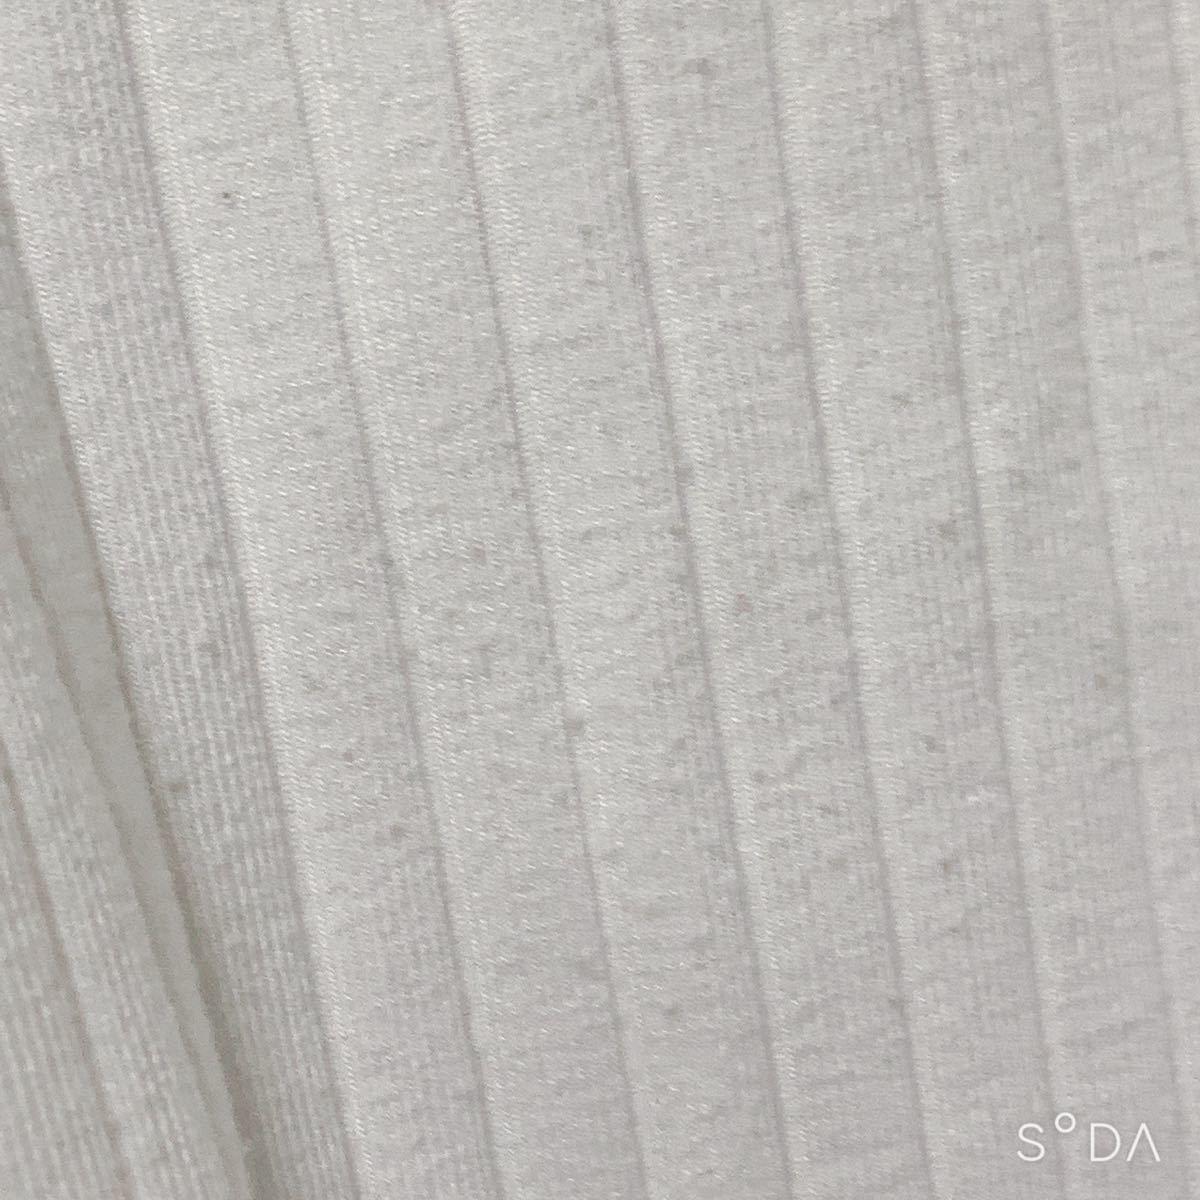 トップス 白シャツ 白Tシャツ 半袖Tシャツ Mサイズ